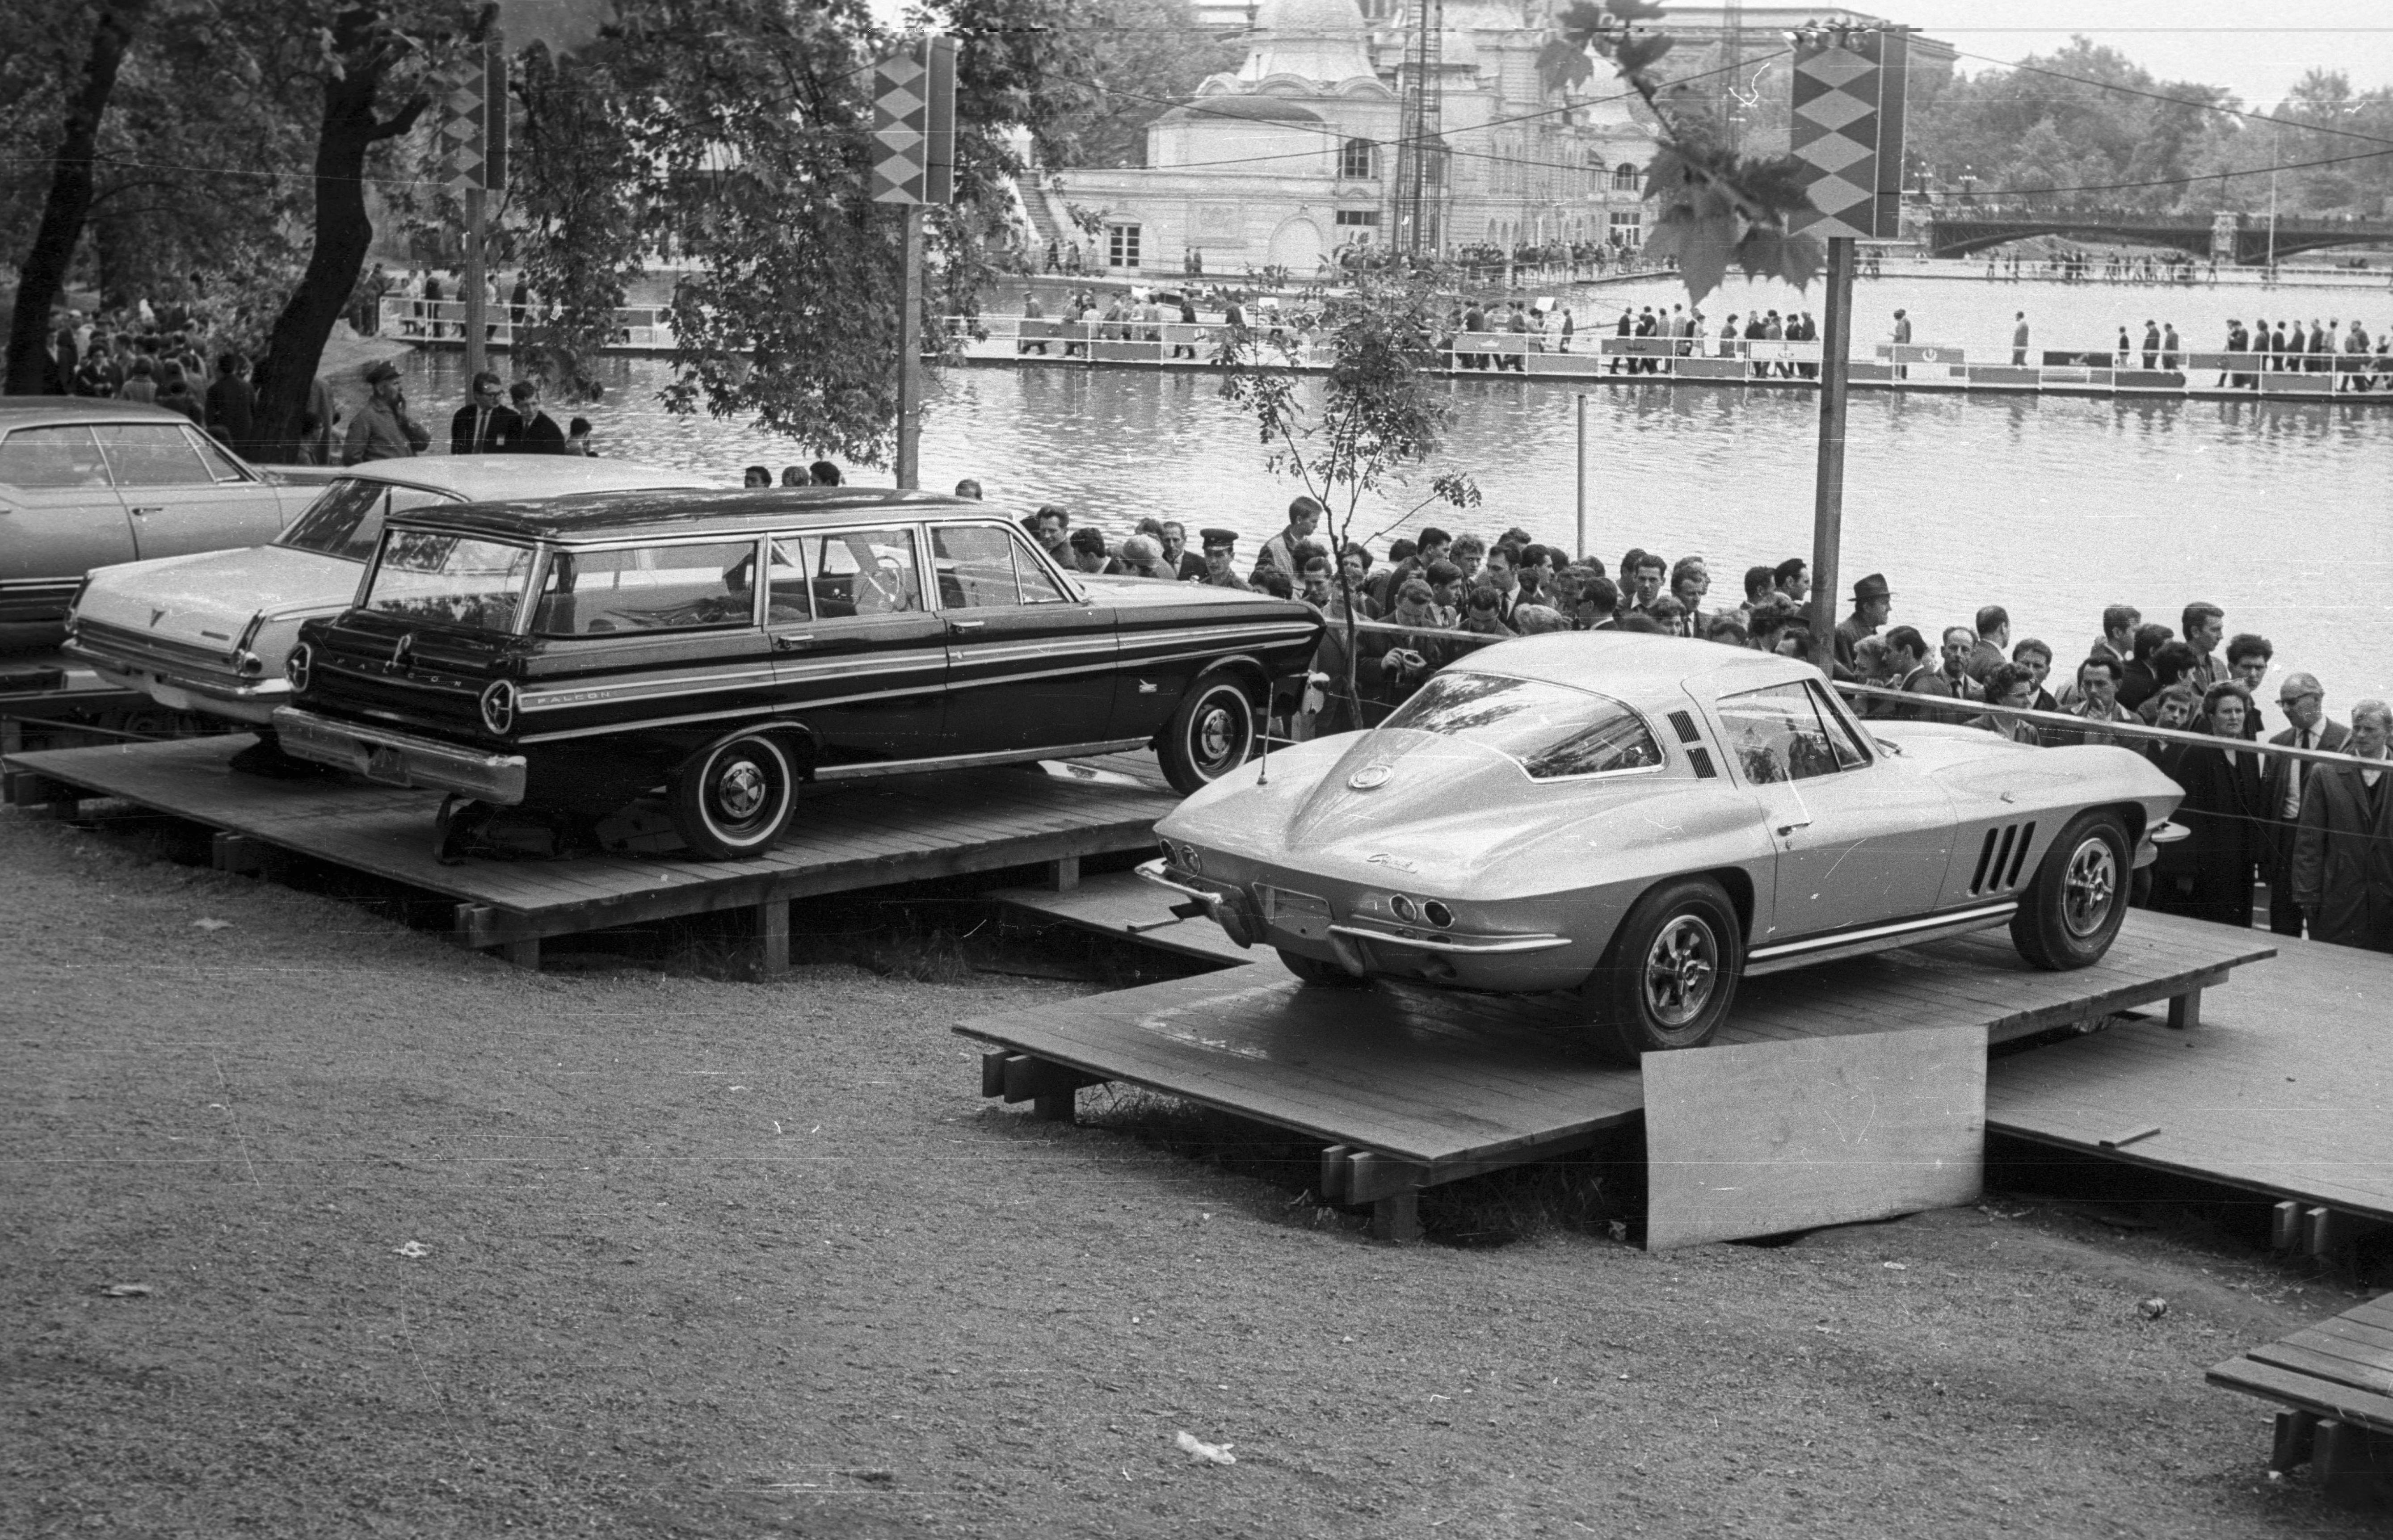 File:Jobbról- Chevrolet Corvette Coupe, Ford Falcon Futura